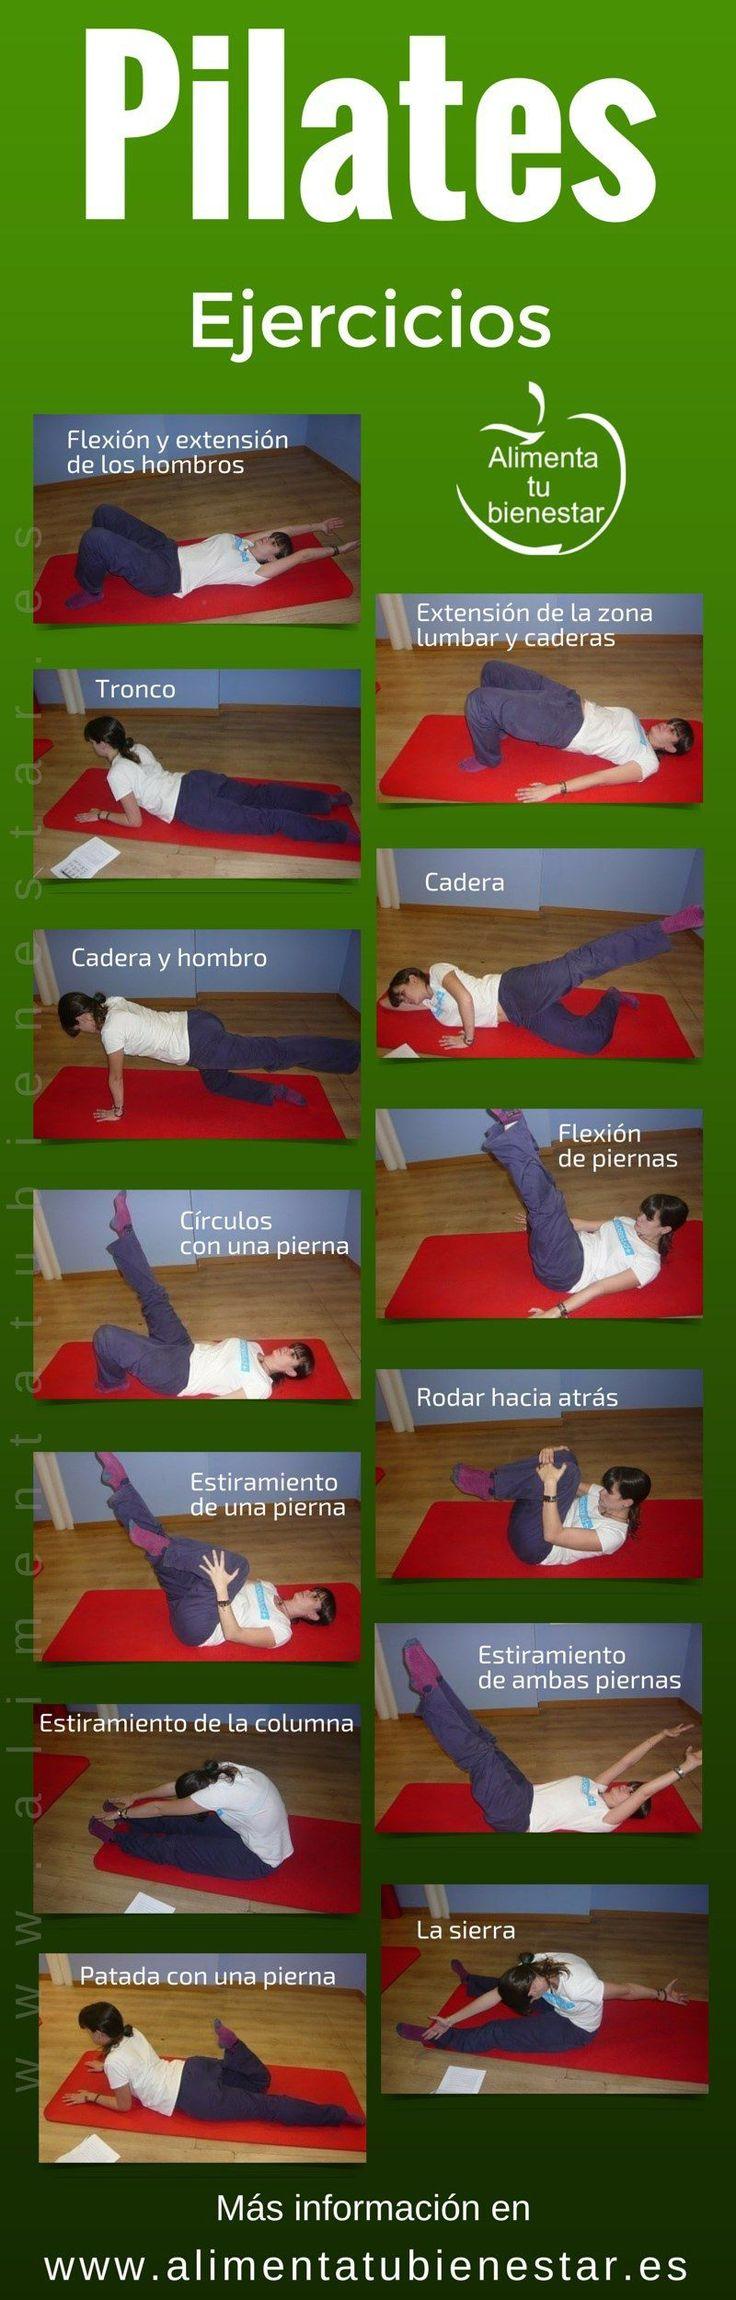 13 ejercicios de #Pilates para hacer en casa #alimentatubienestar